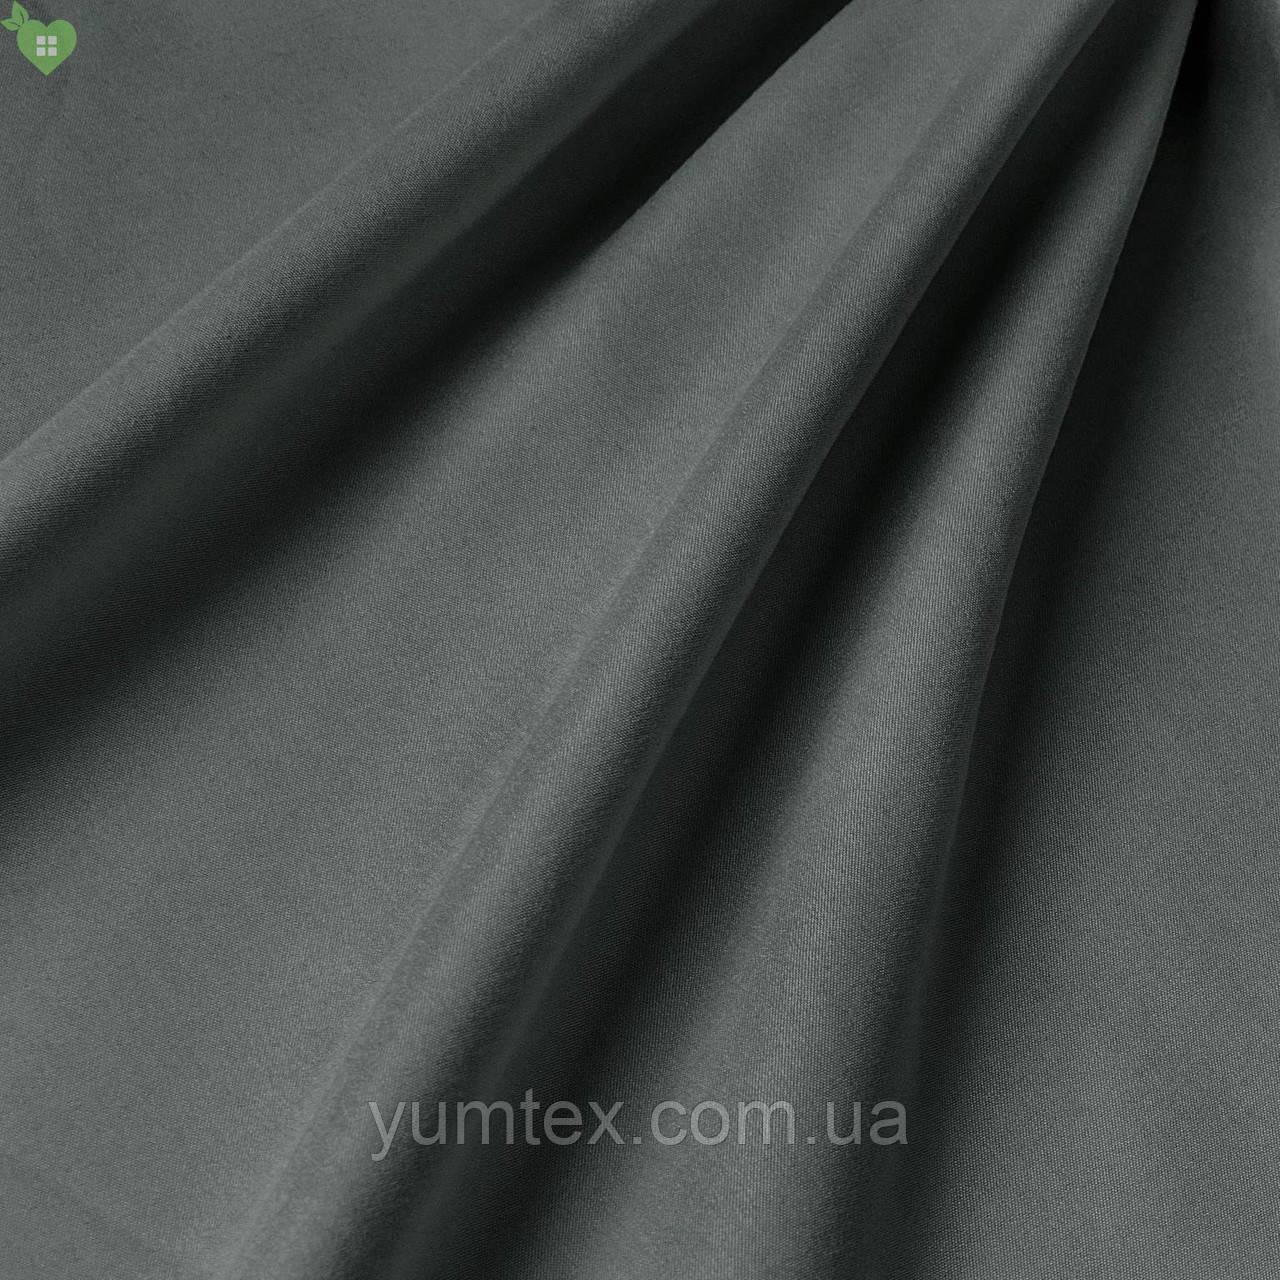 Подкладочная ткань с матовой фактурой цвета мокрого асфальта Испания